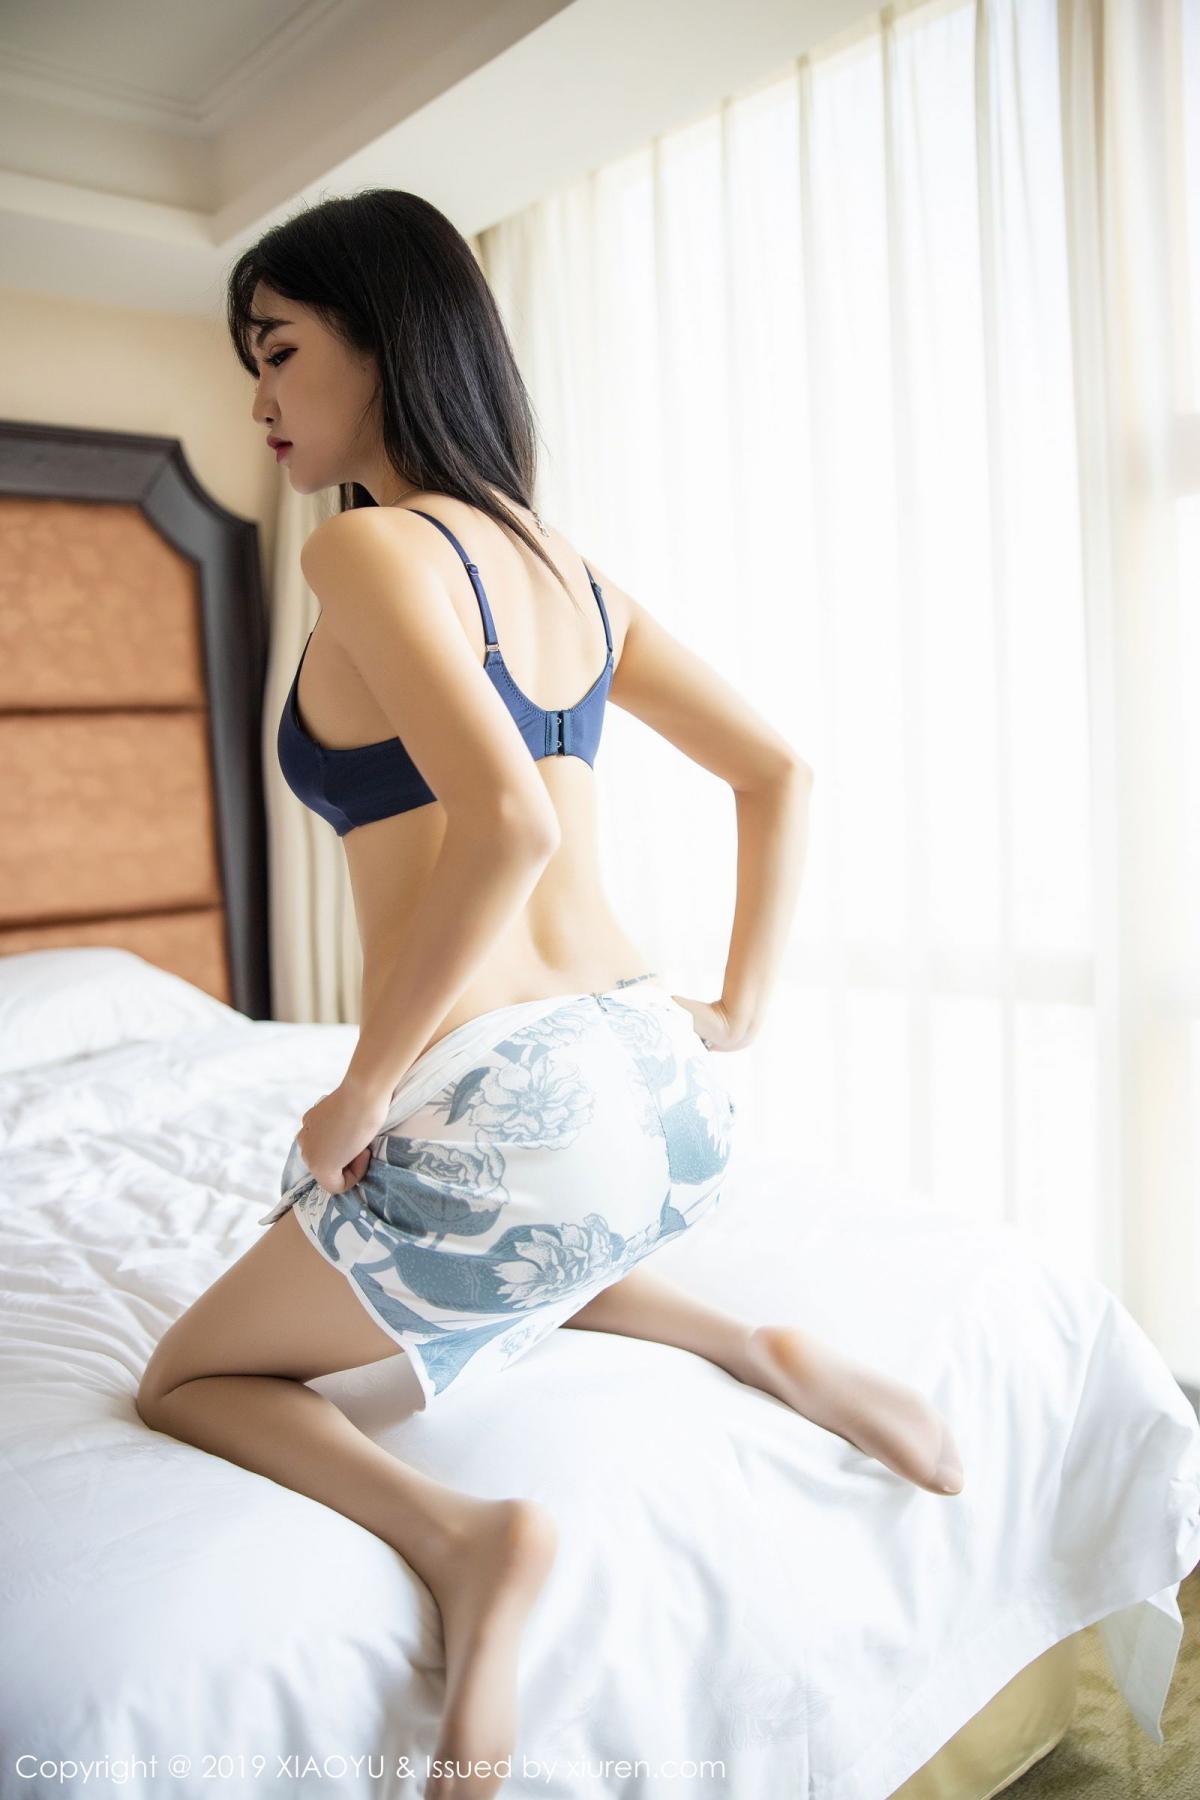 [XiaoYu] Vol.200 Miko Jiang 85P, Miko Jiang, Slim, Tall, Underwear, XiaoYu